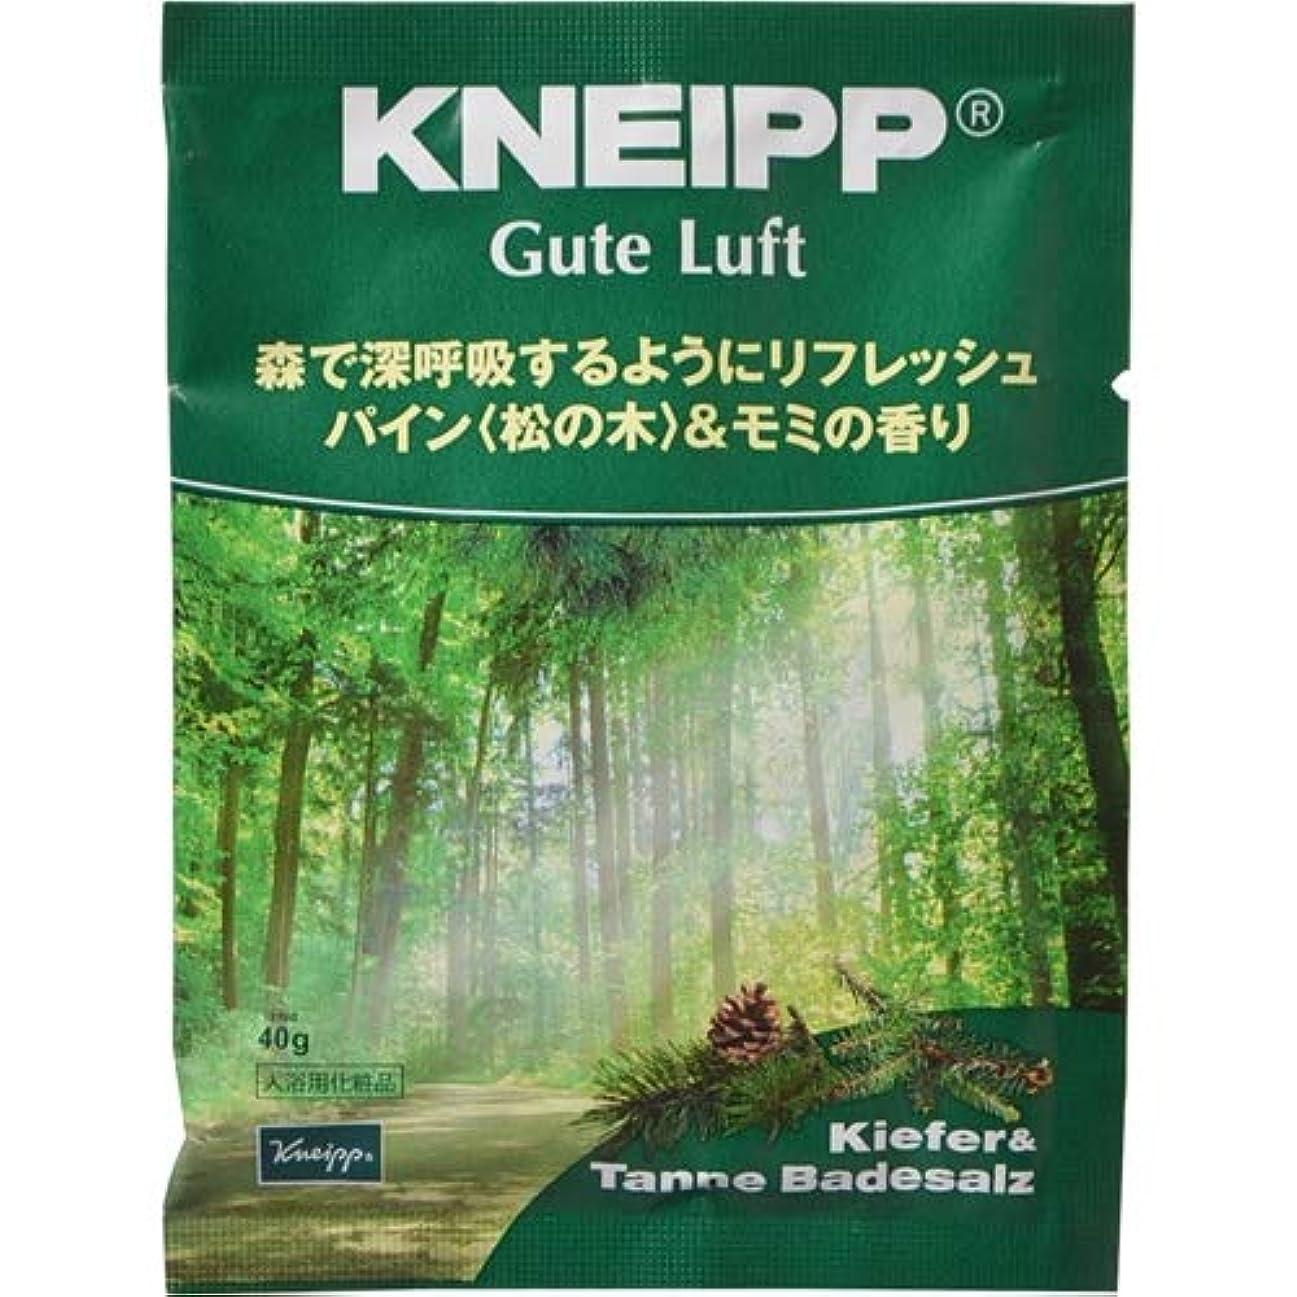 承知しました農学内向きクナイプ?ジャパン クナイプ グーテルフト バスソルト パイン<松の木>&モミの香り 40g